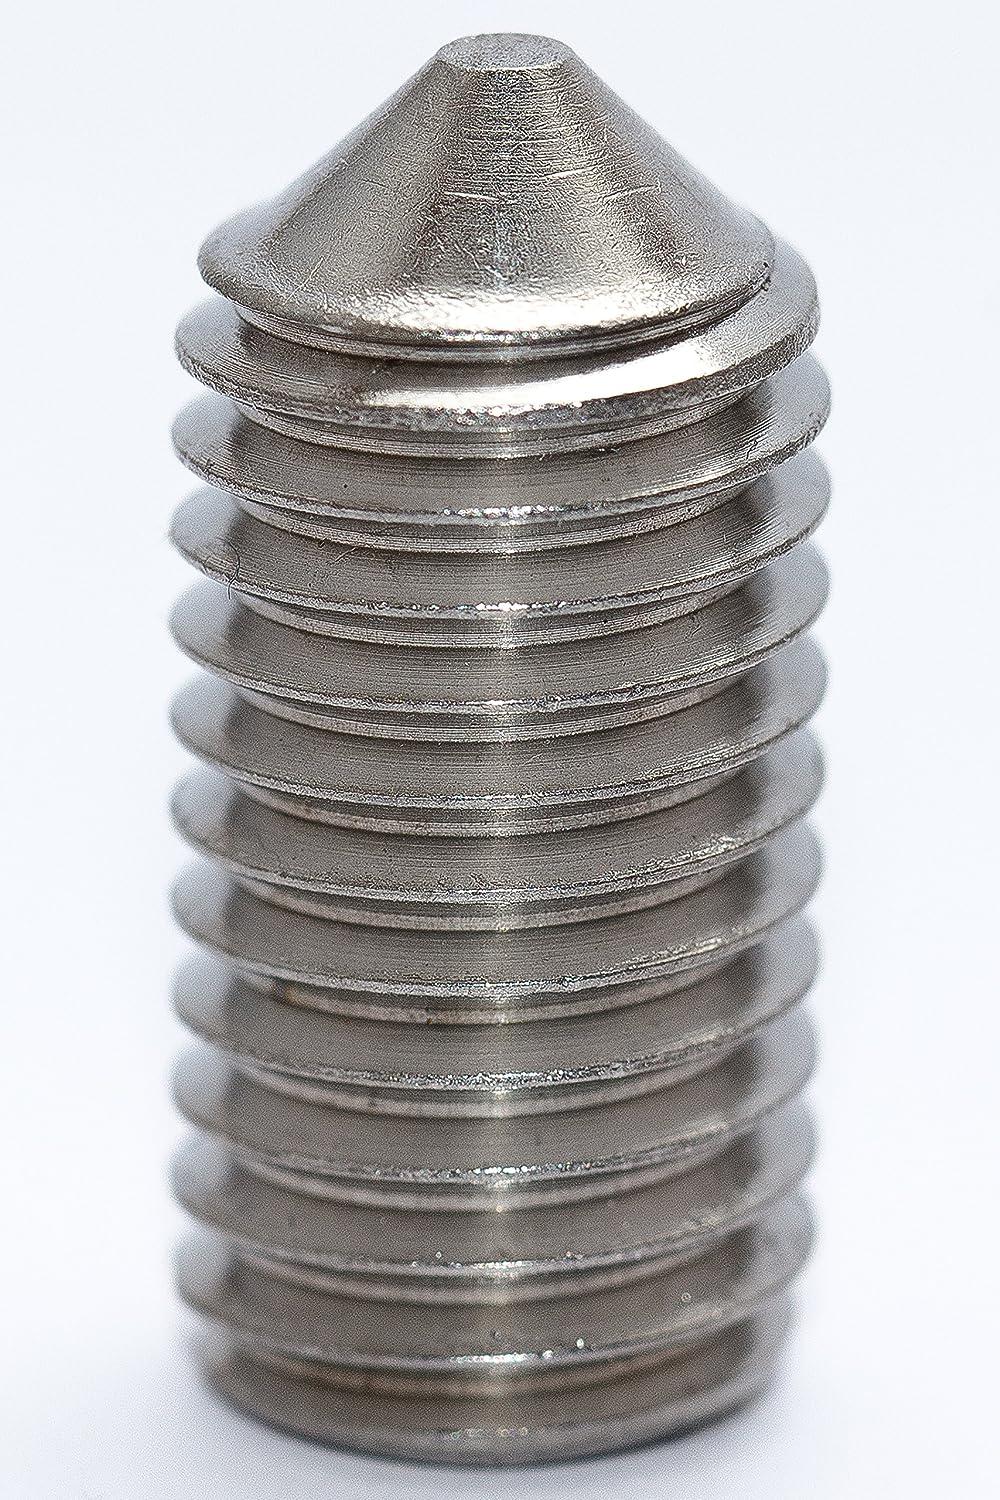 10 St/ück Gewindestifte mit Spitze VA2 Madenschrauben DIN 914 M6x8